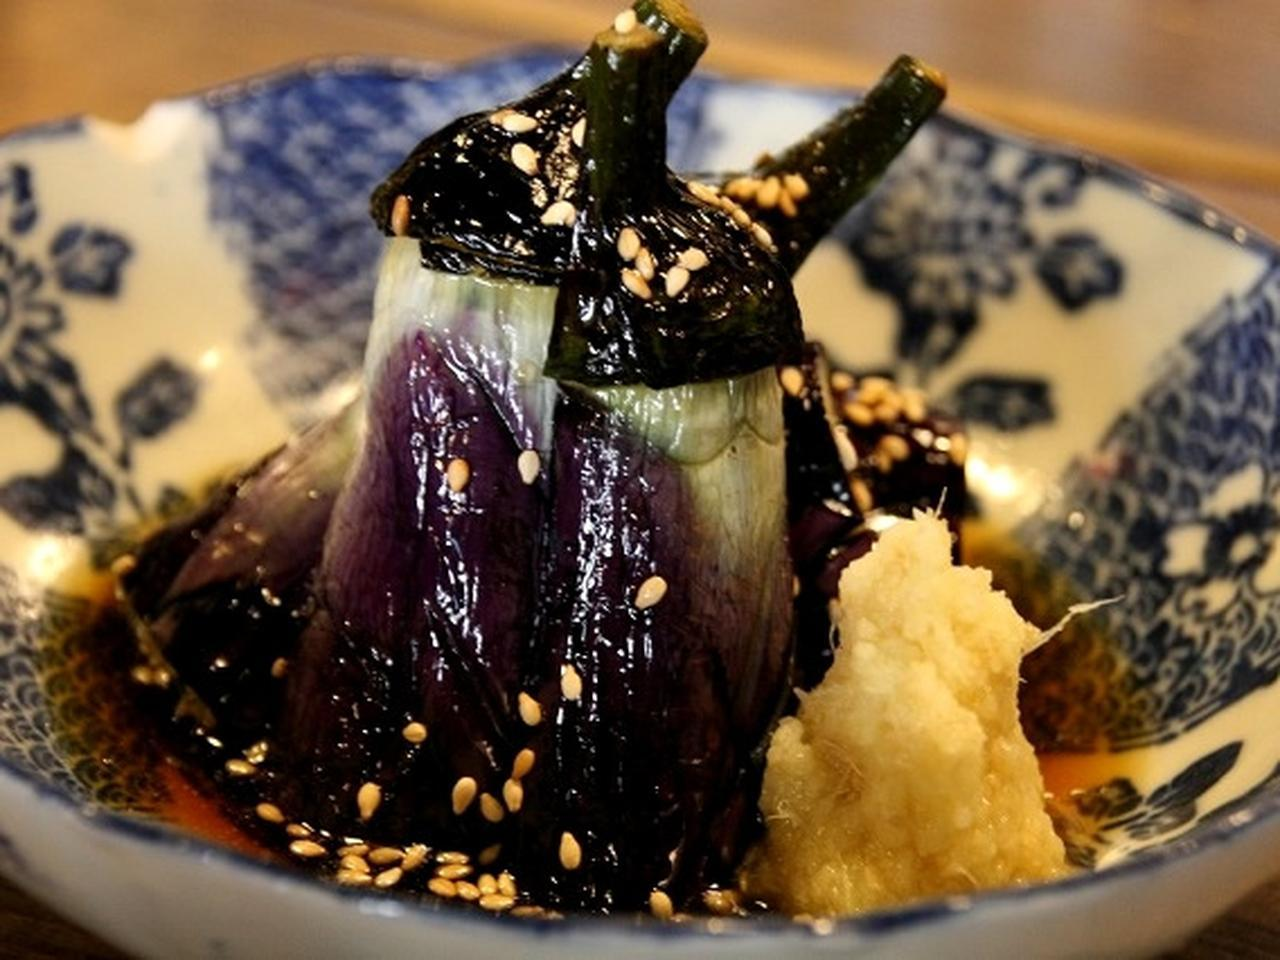 画像: 「お茄子の揚げびたし」。和食ならではの味わいが楽しめる、揚げびたし。